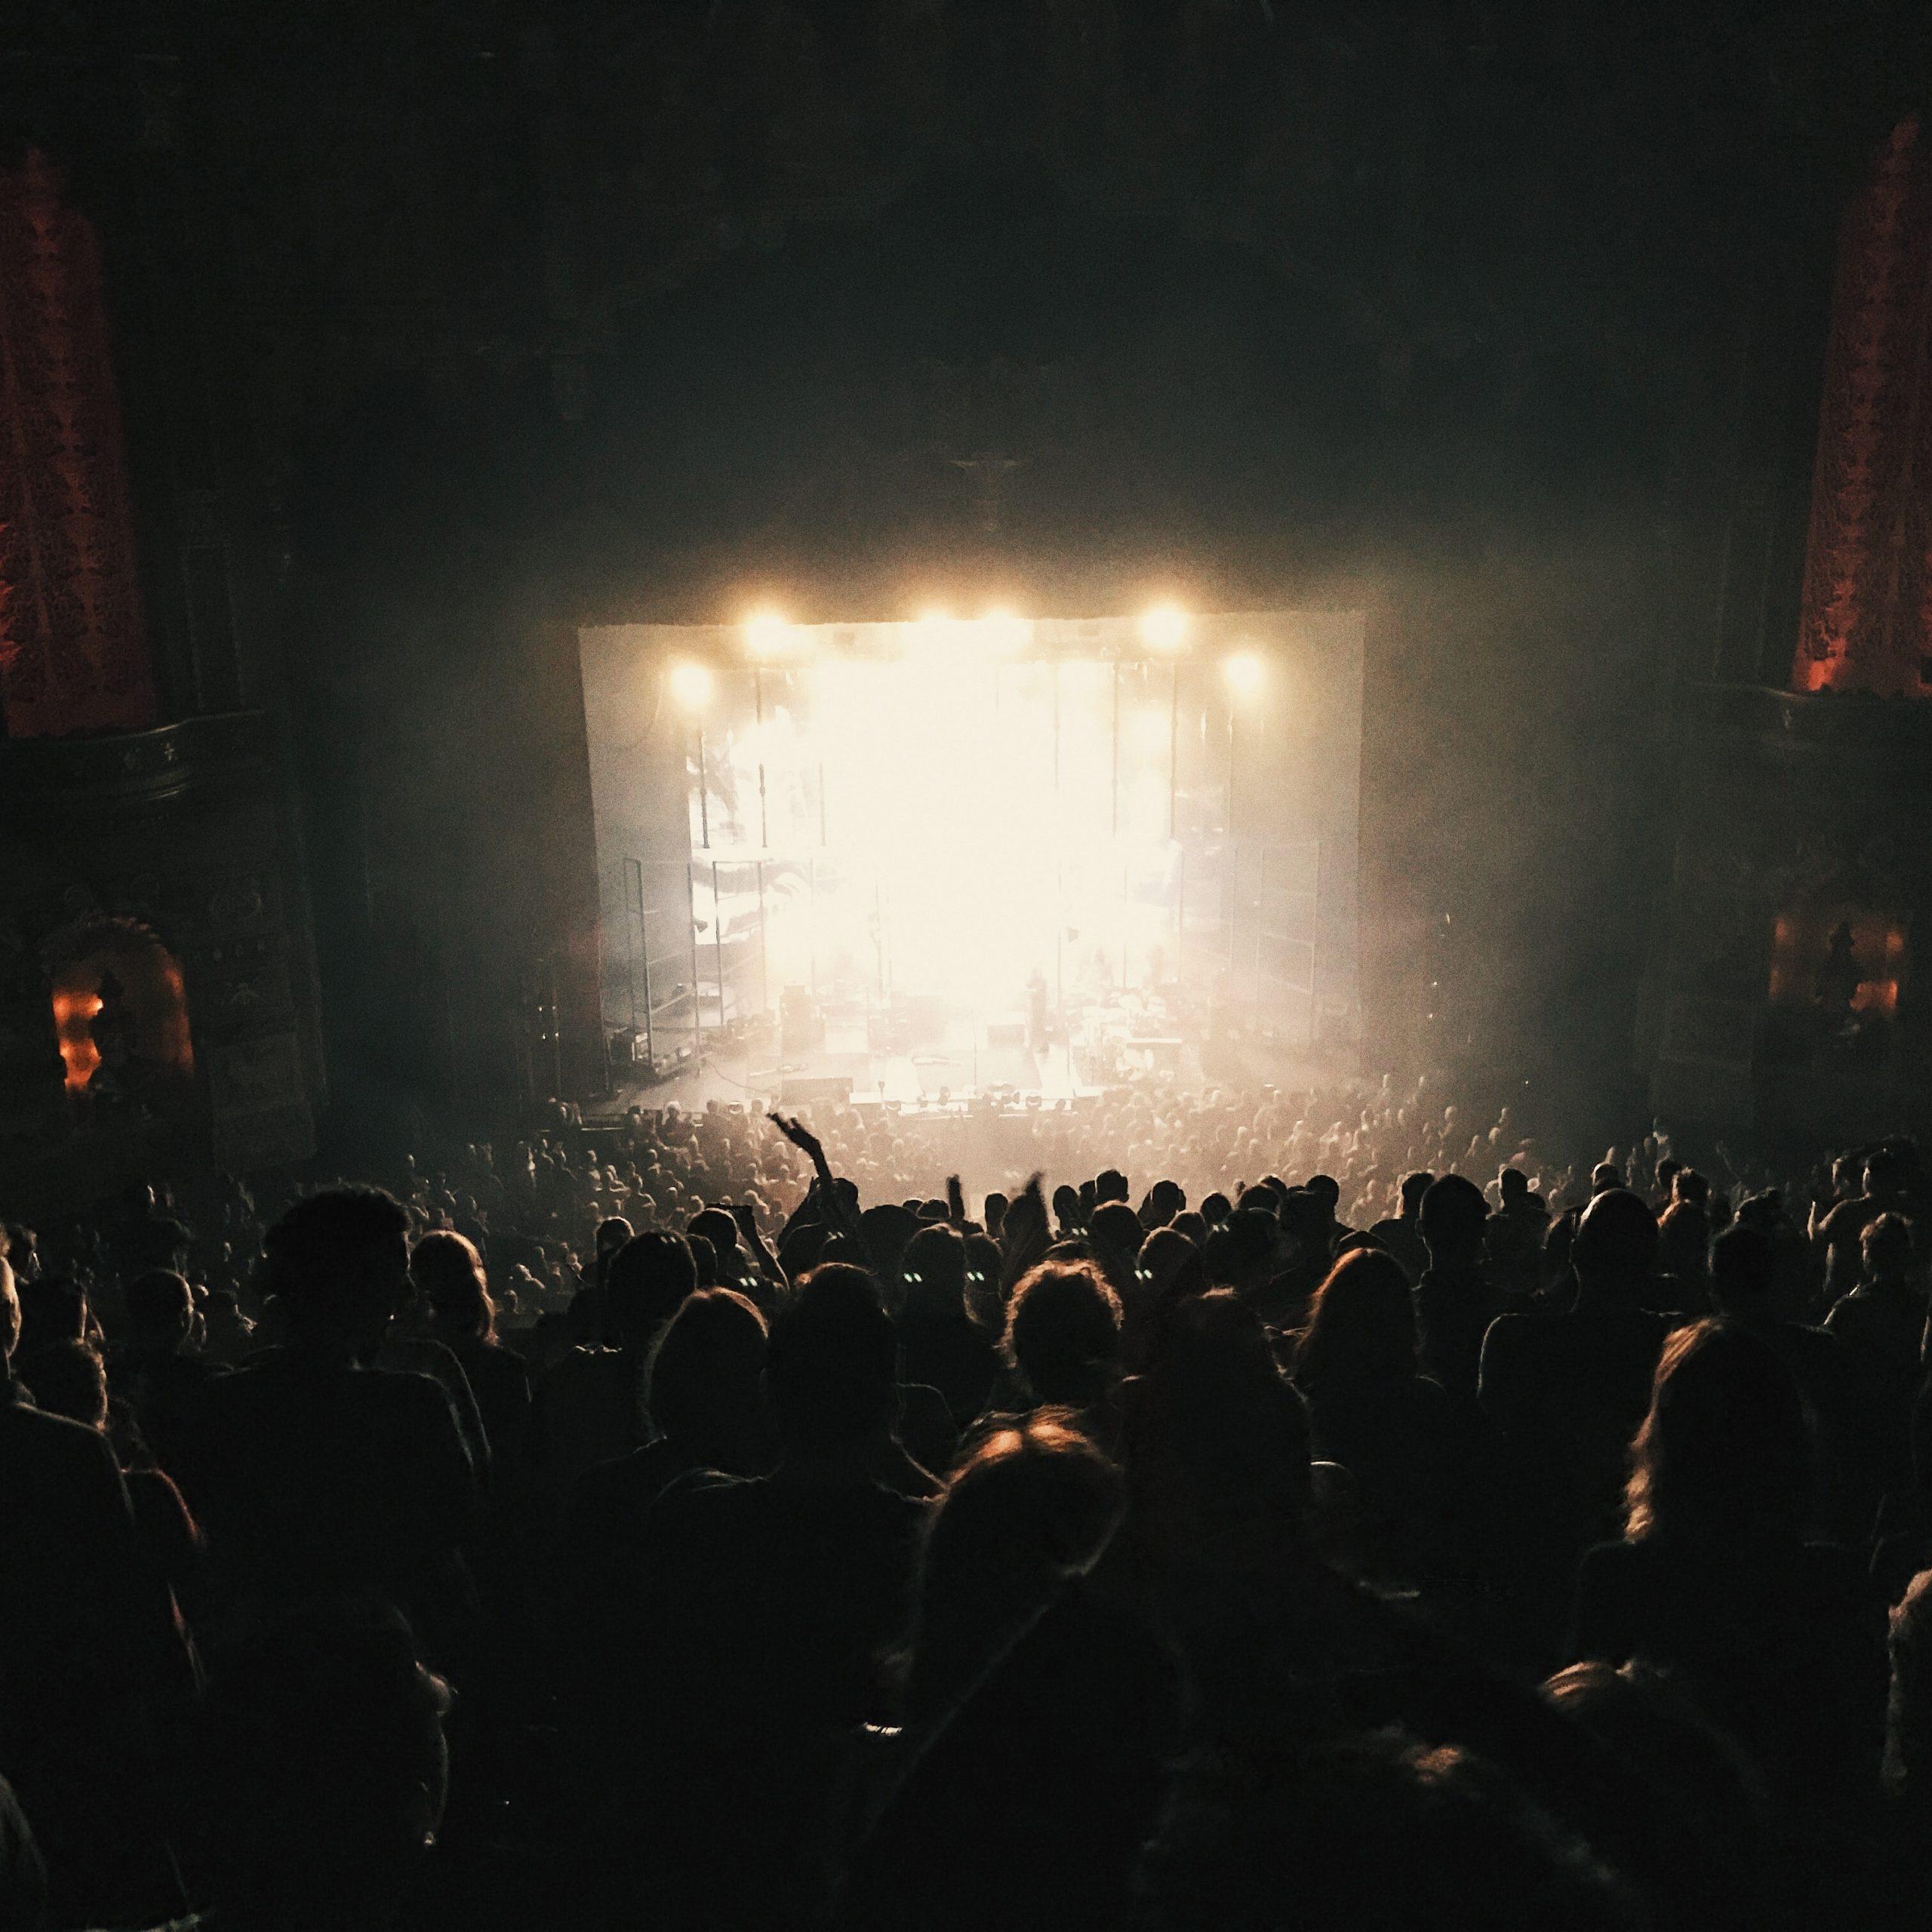 Kultura - koncert - Fot. Caleb George